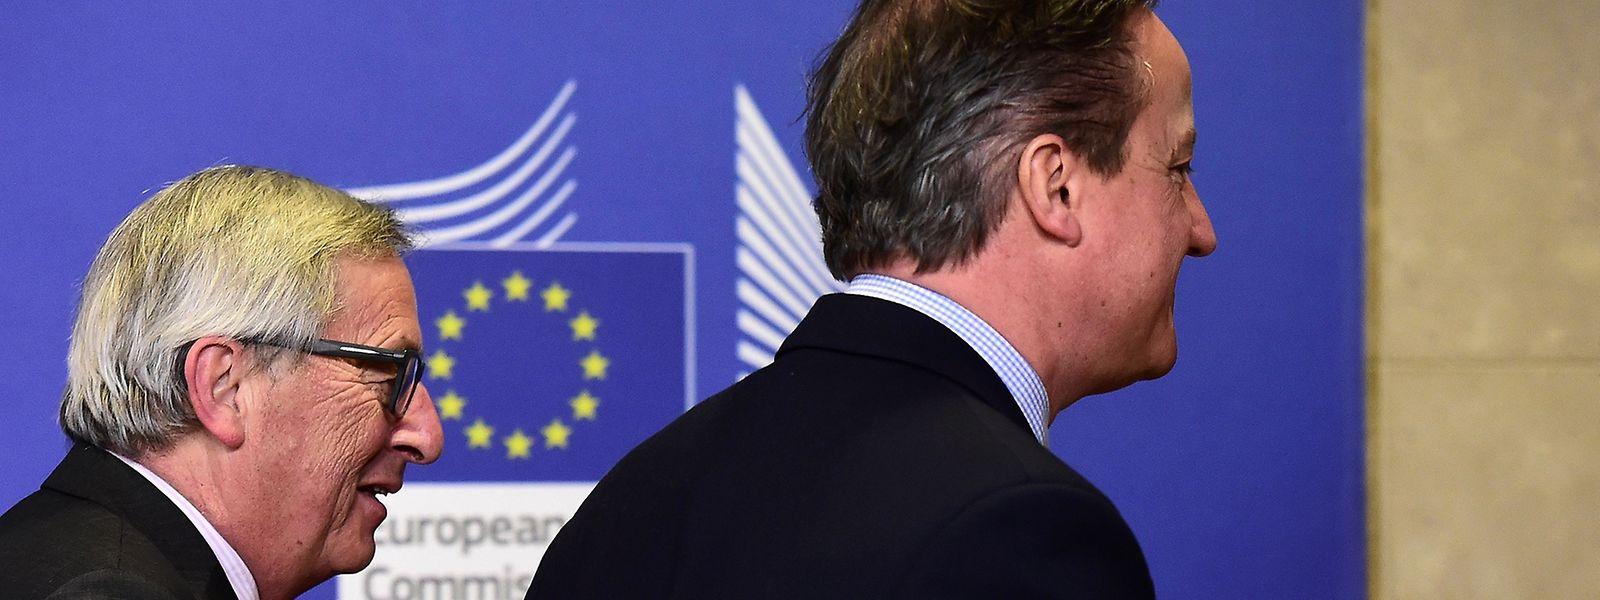 """Der britische Anwalt Philip Wood glaubt, dass im Falle eines Brexit die Verhandlungen zwischen der EU und Großbritannien in einer """"eisigen"""" Atmosphäre ablaufen würden."""